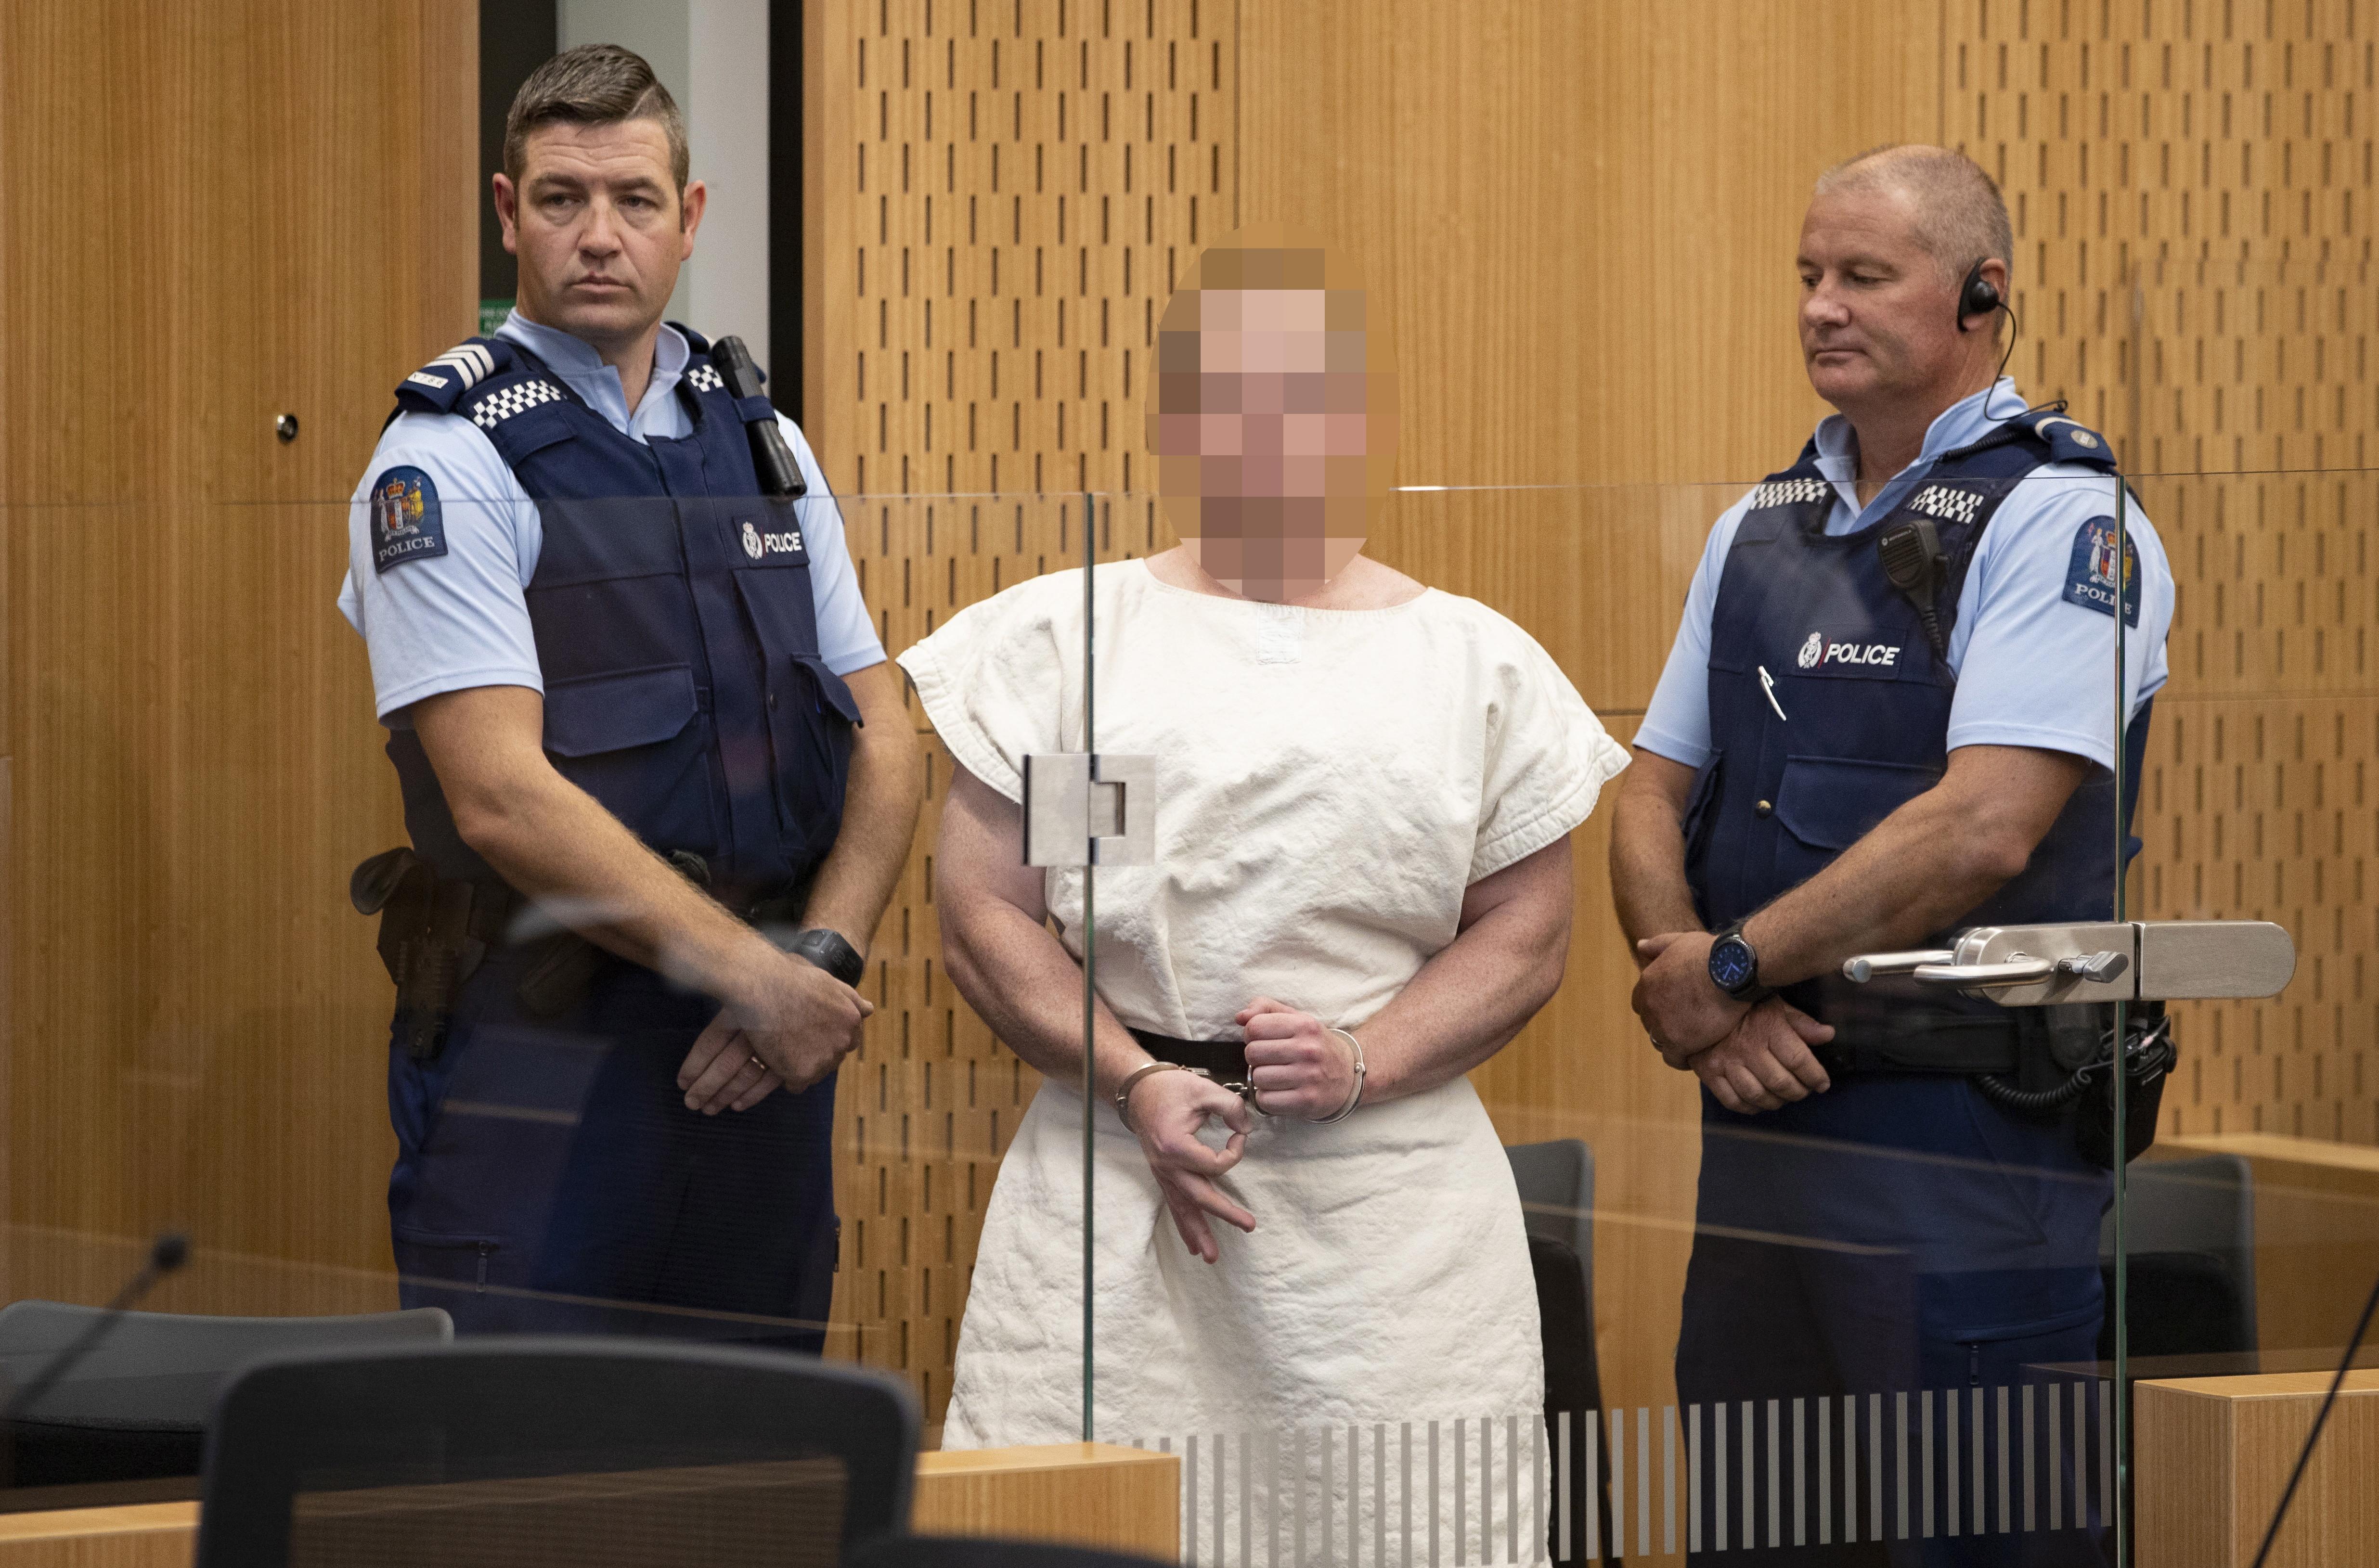 Scrisoarea trimisă din închisoare de Brenton Tarrant, autorul masacrului din Christchurch